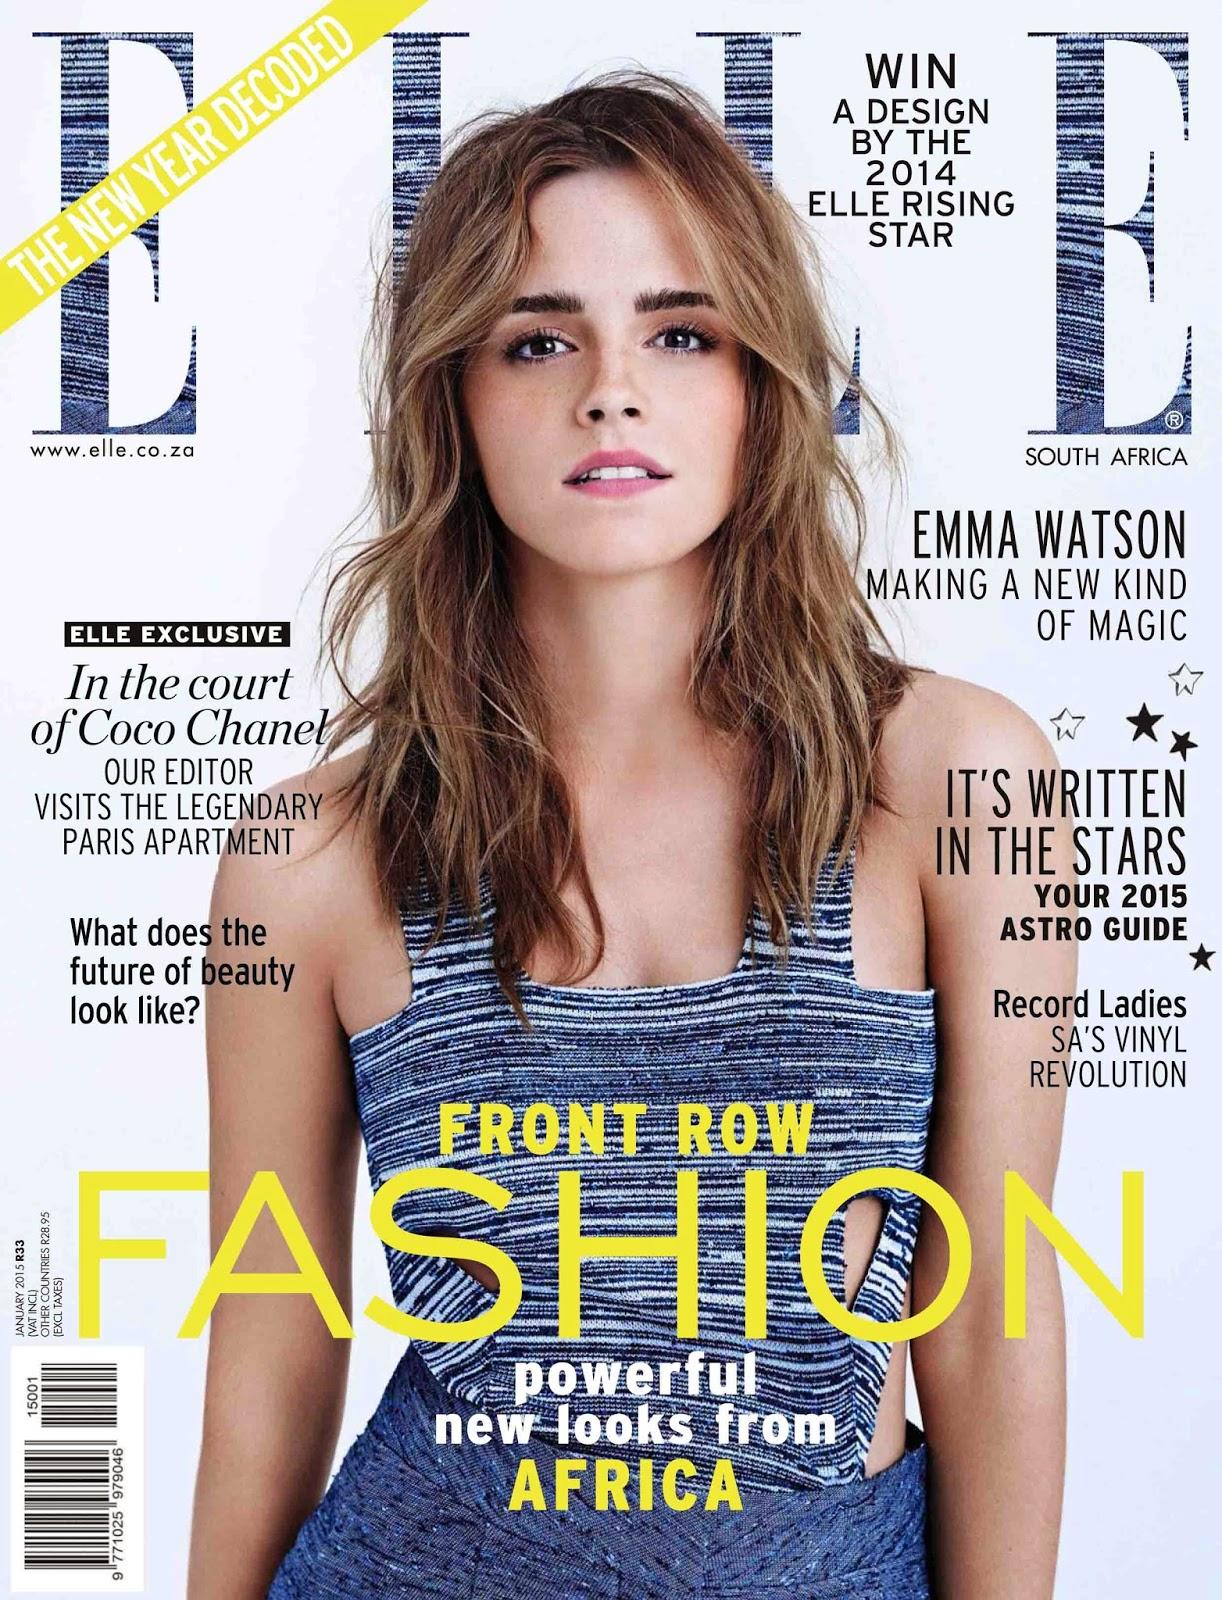 Arts Cross Stitch: Emma Watson - ELLE South Africa, January 2015